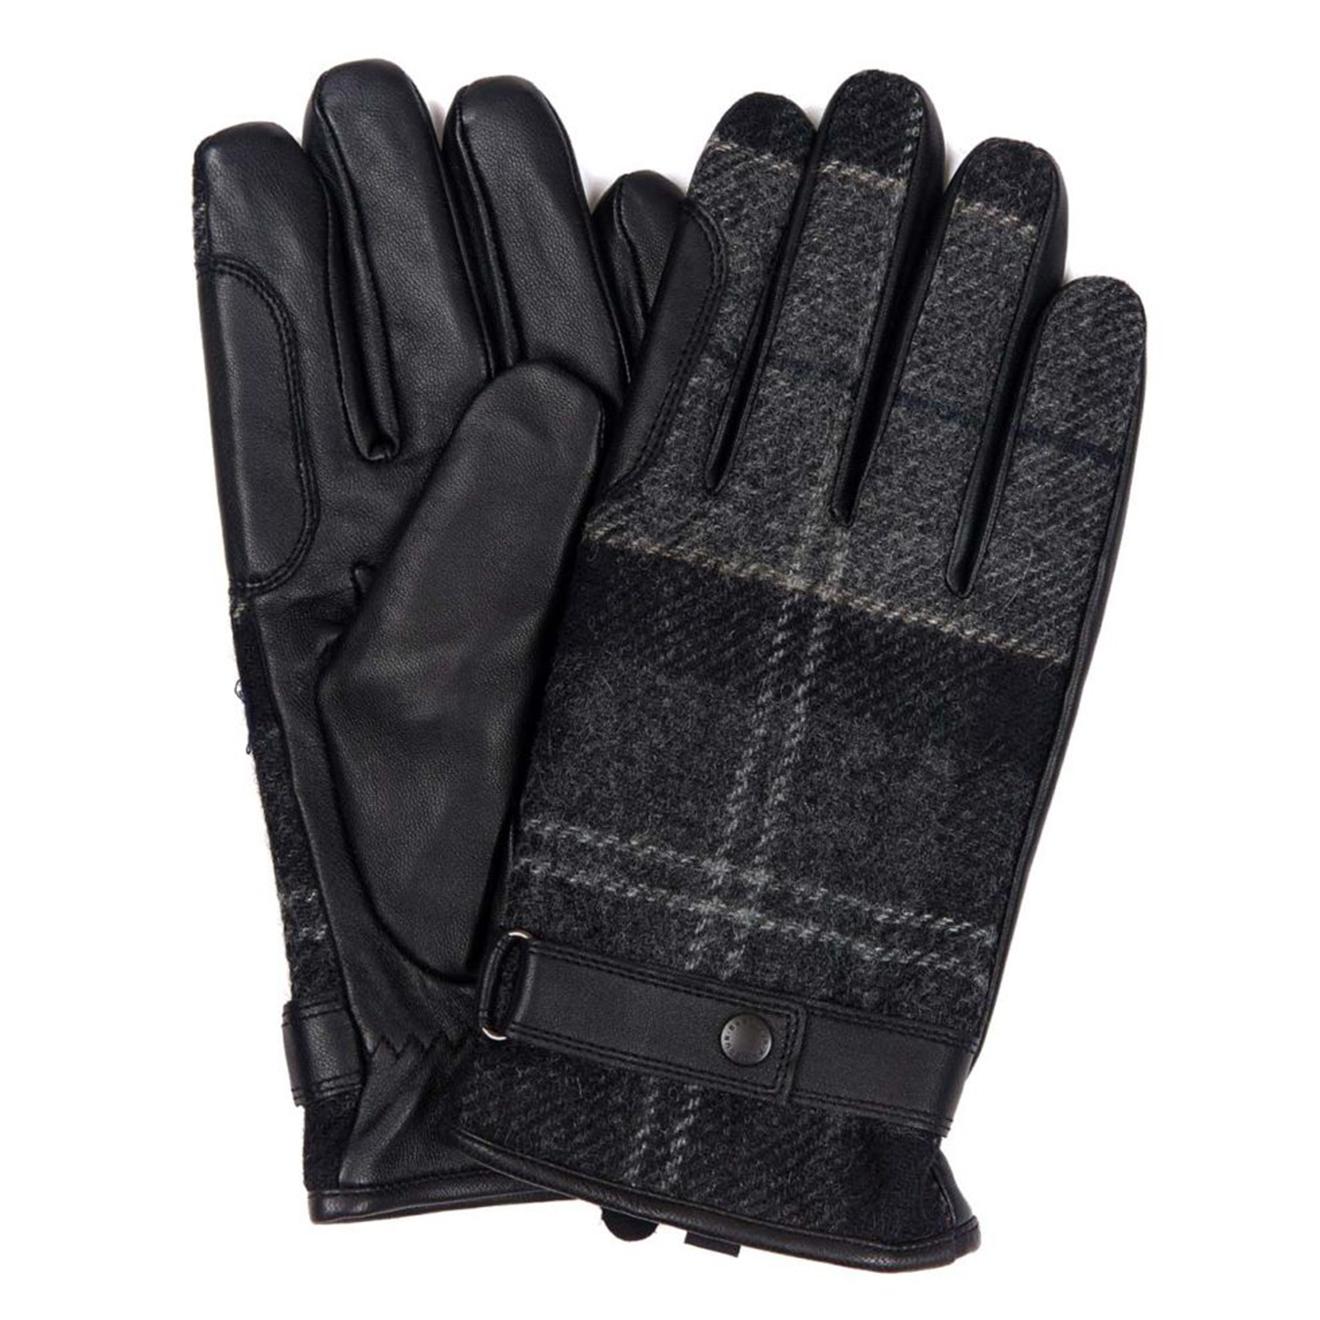 Hestra Falt Guide Mens Glove Brown Black 30/% OFF SALE